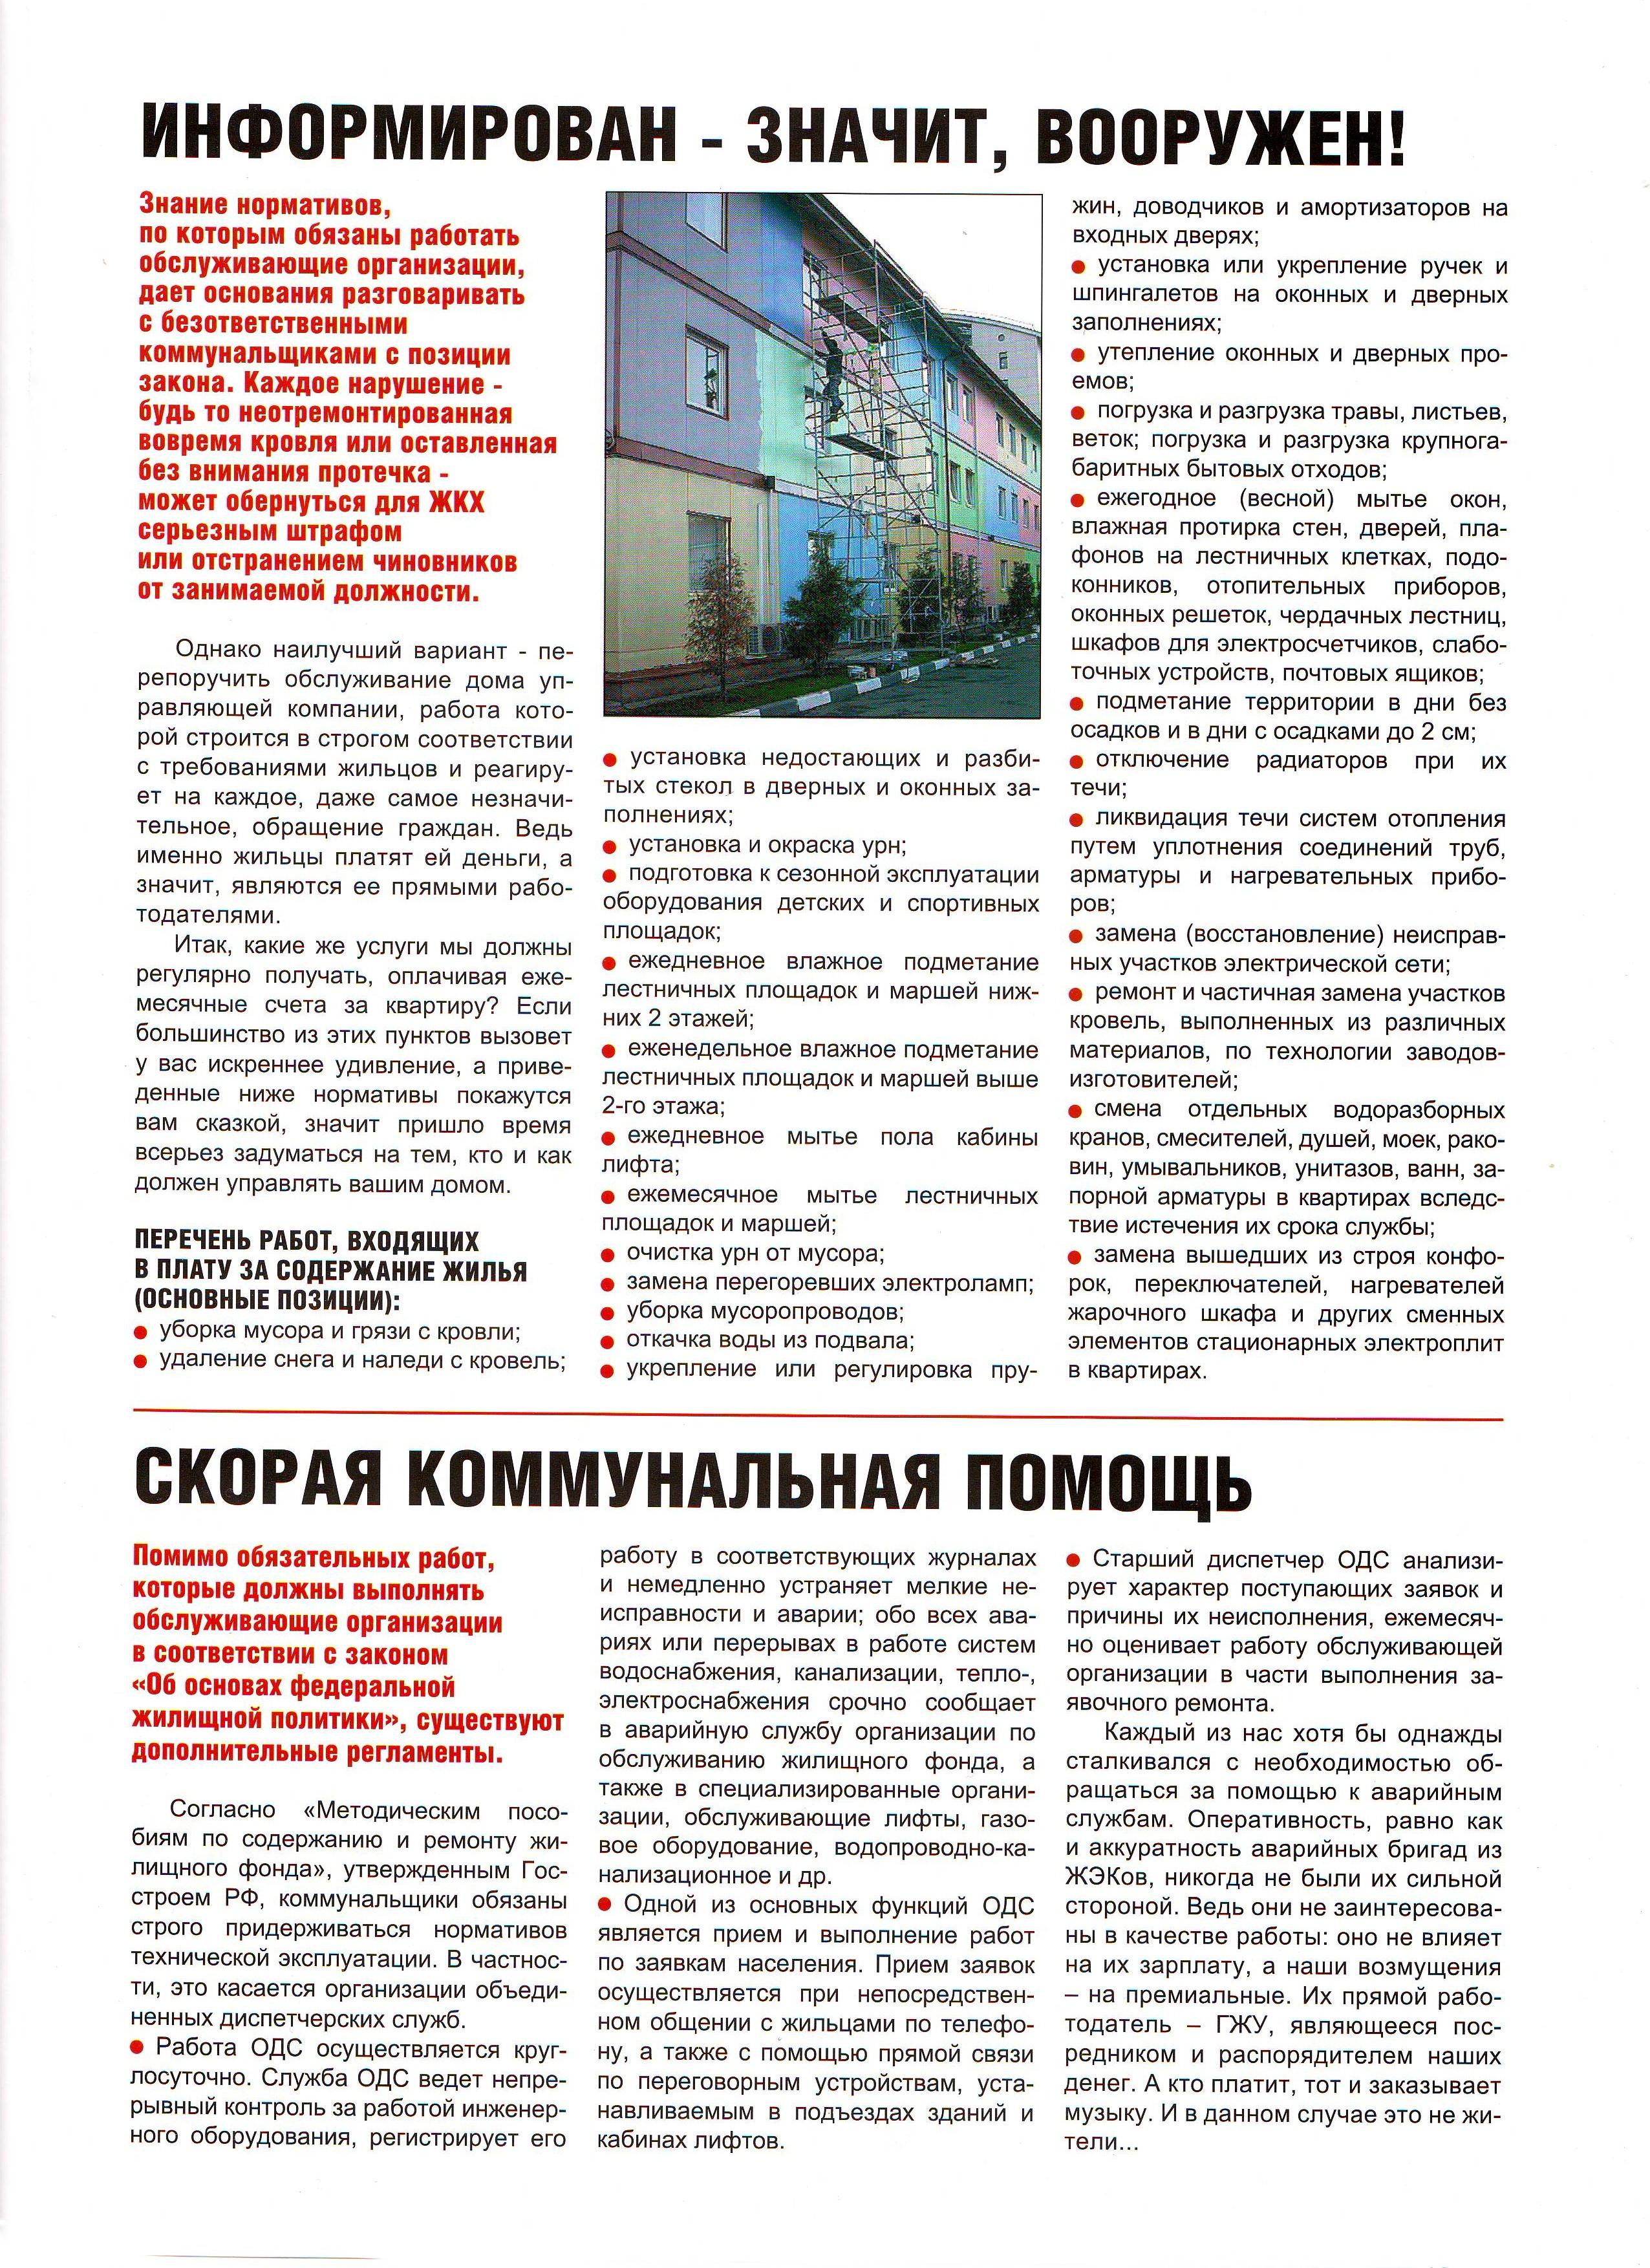 Брошюра ЖКХ города Ижевска